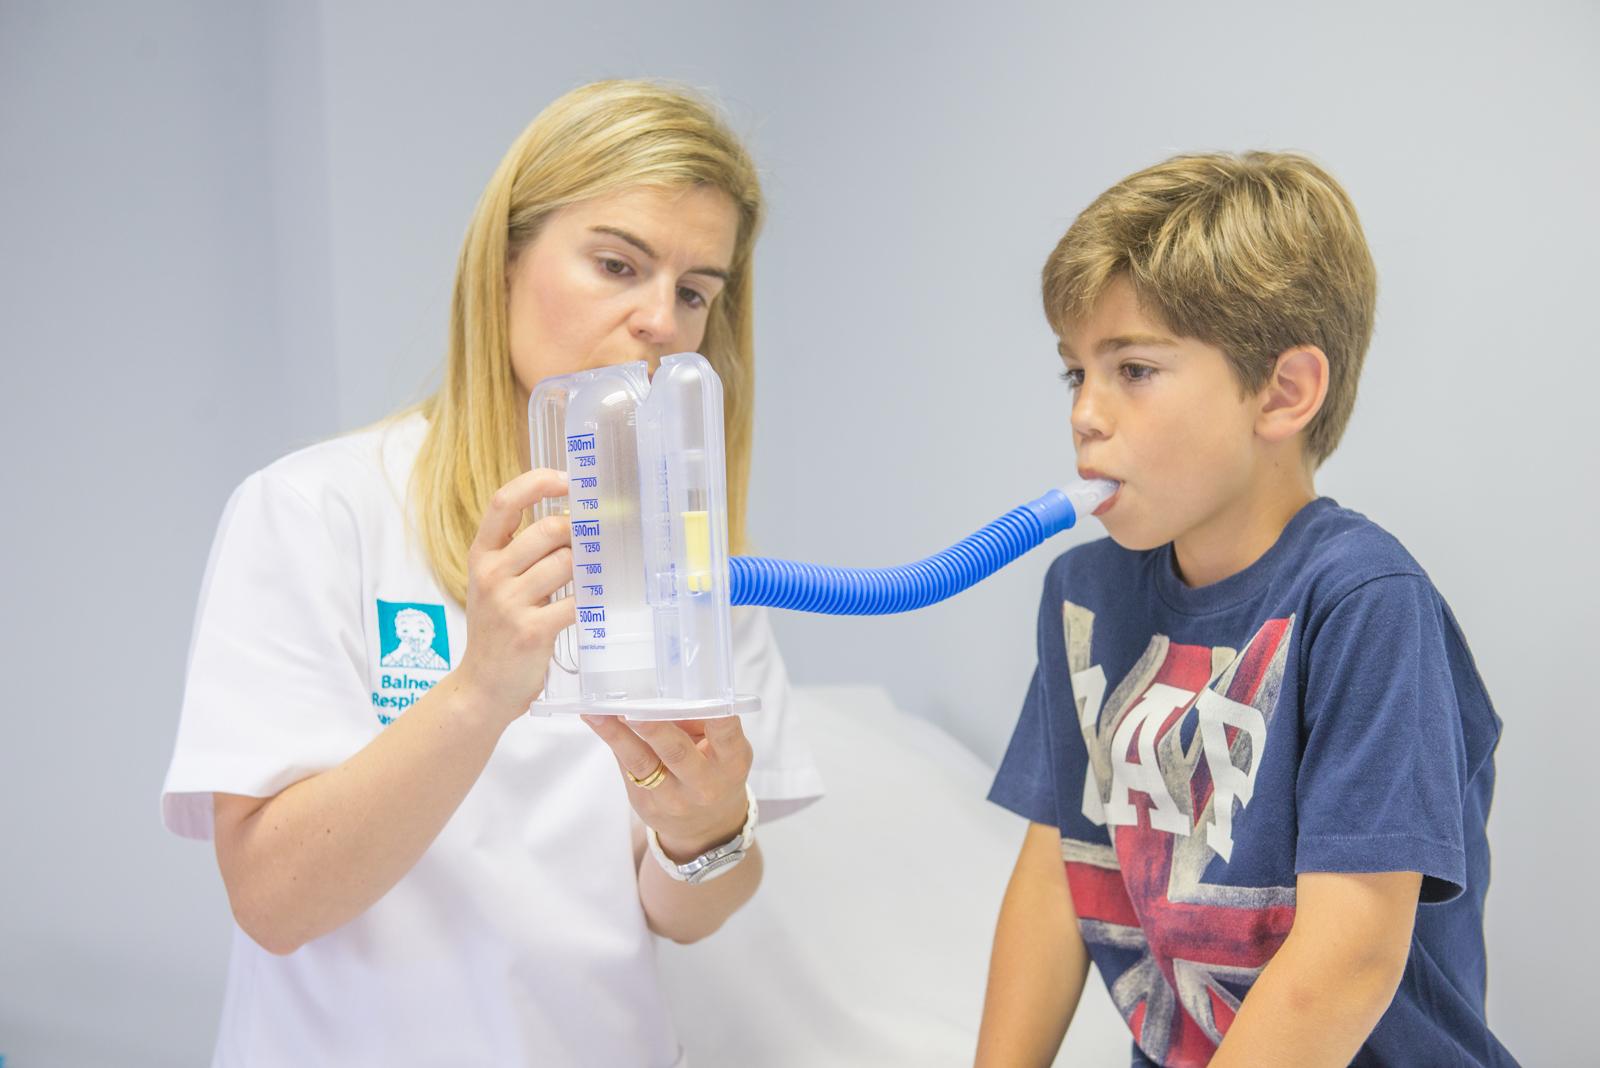 Apprenez avec le meilleur professorat en kinésithérapie respiratoire à l'EUSES